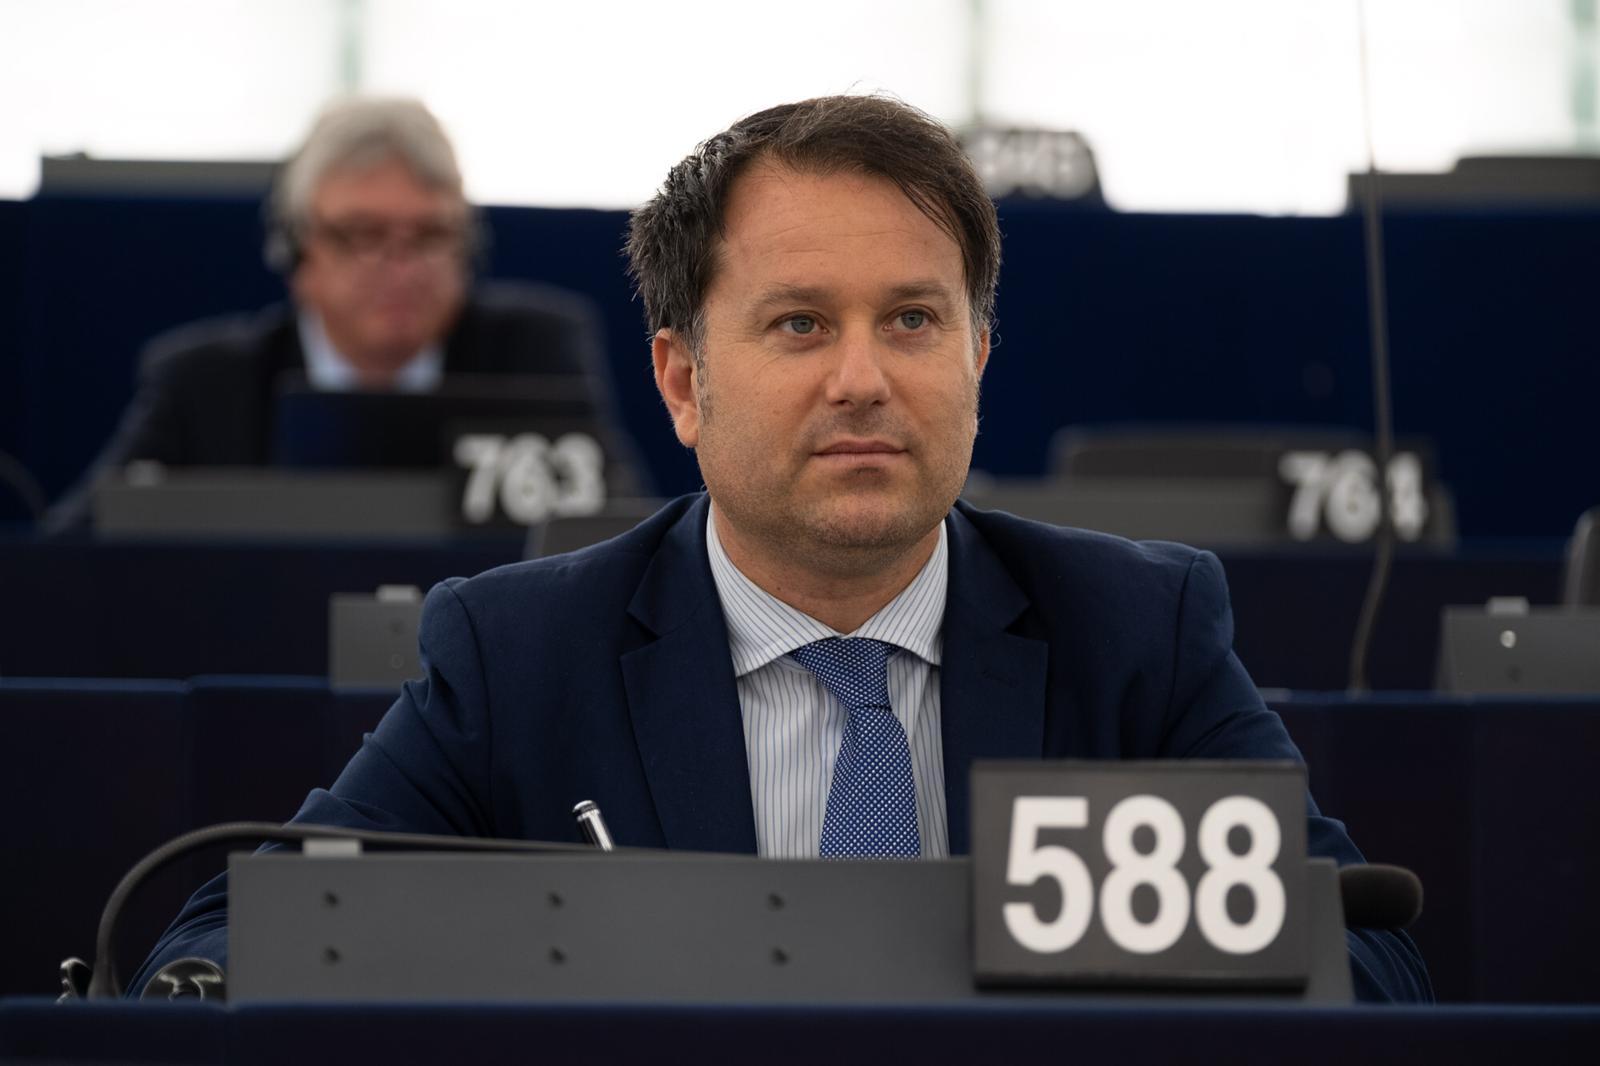 UE, Commissione Agricoltura, passa emendamento di Milazzo (FI-PPE) sui finanziamenti per riconversione agrumeti e uliveti danneggiati da fitopatie: